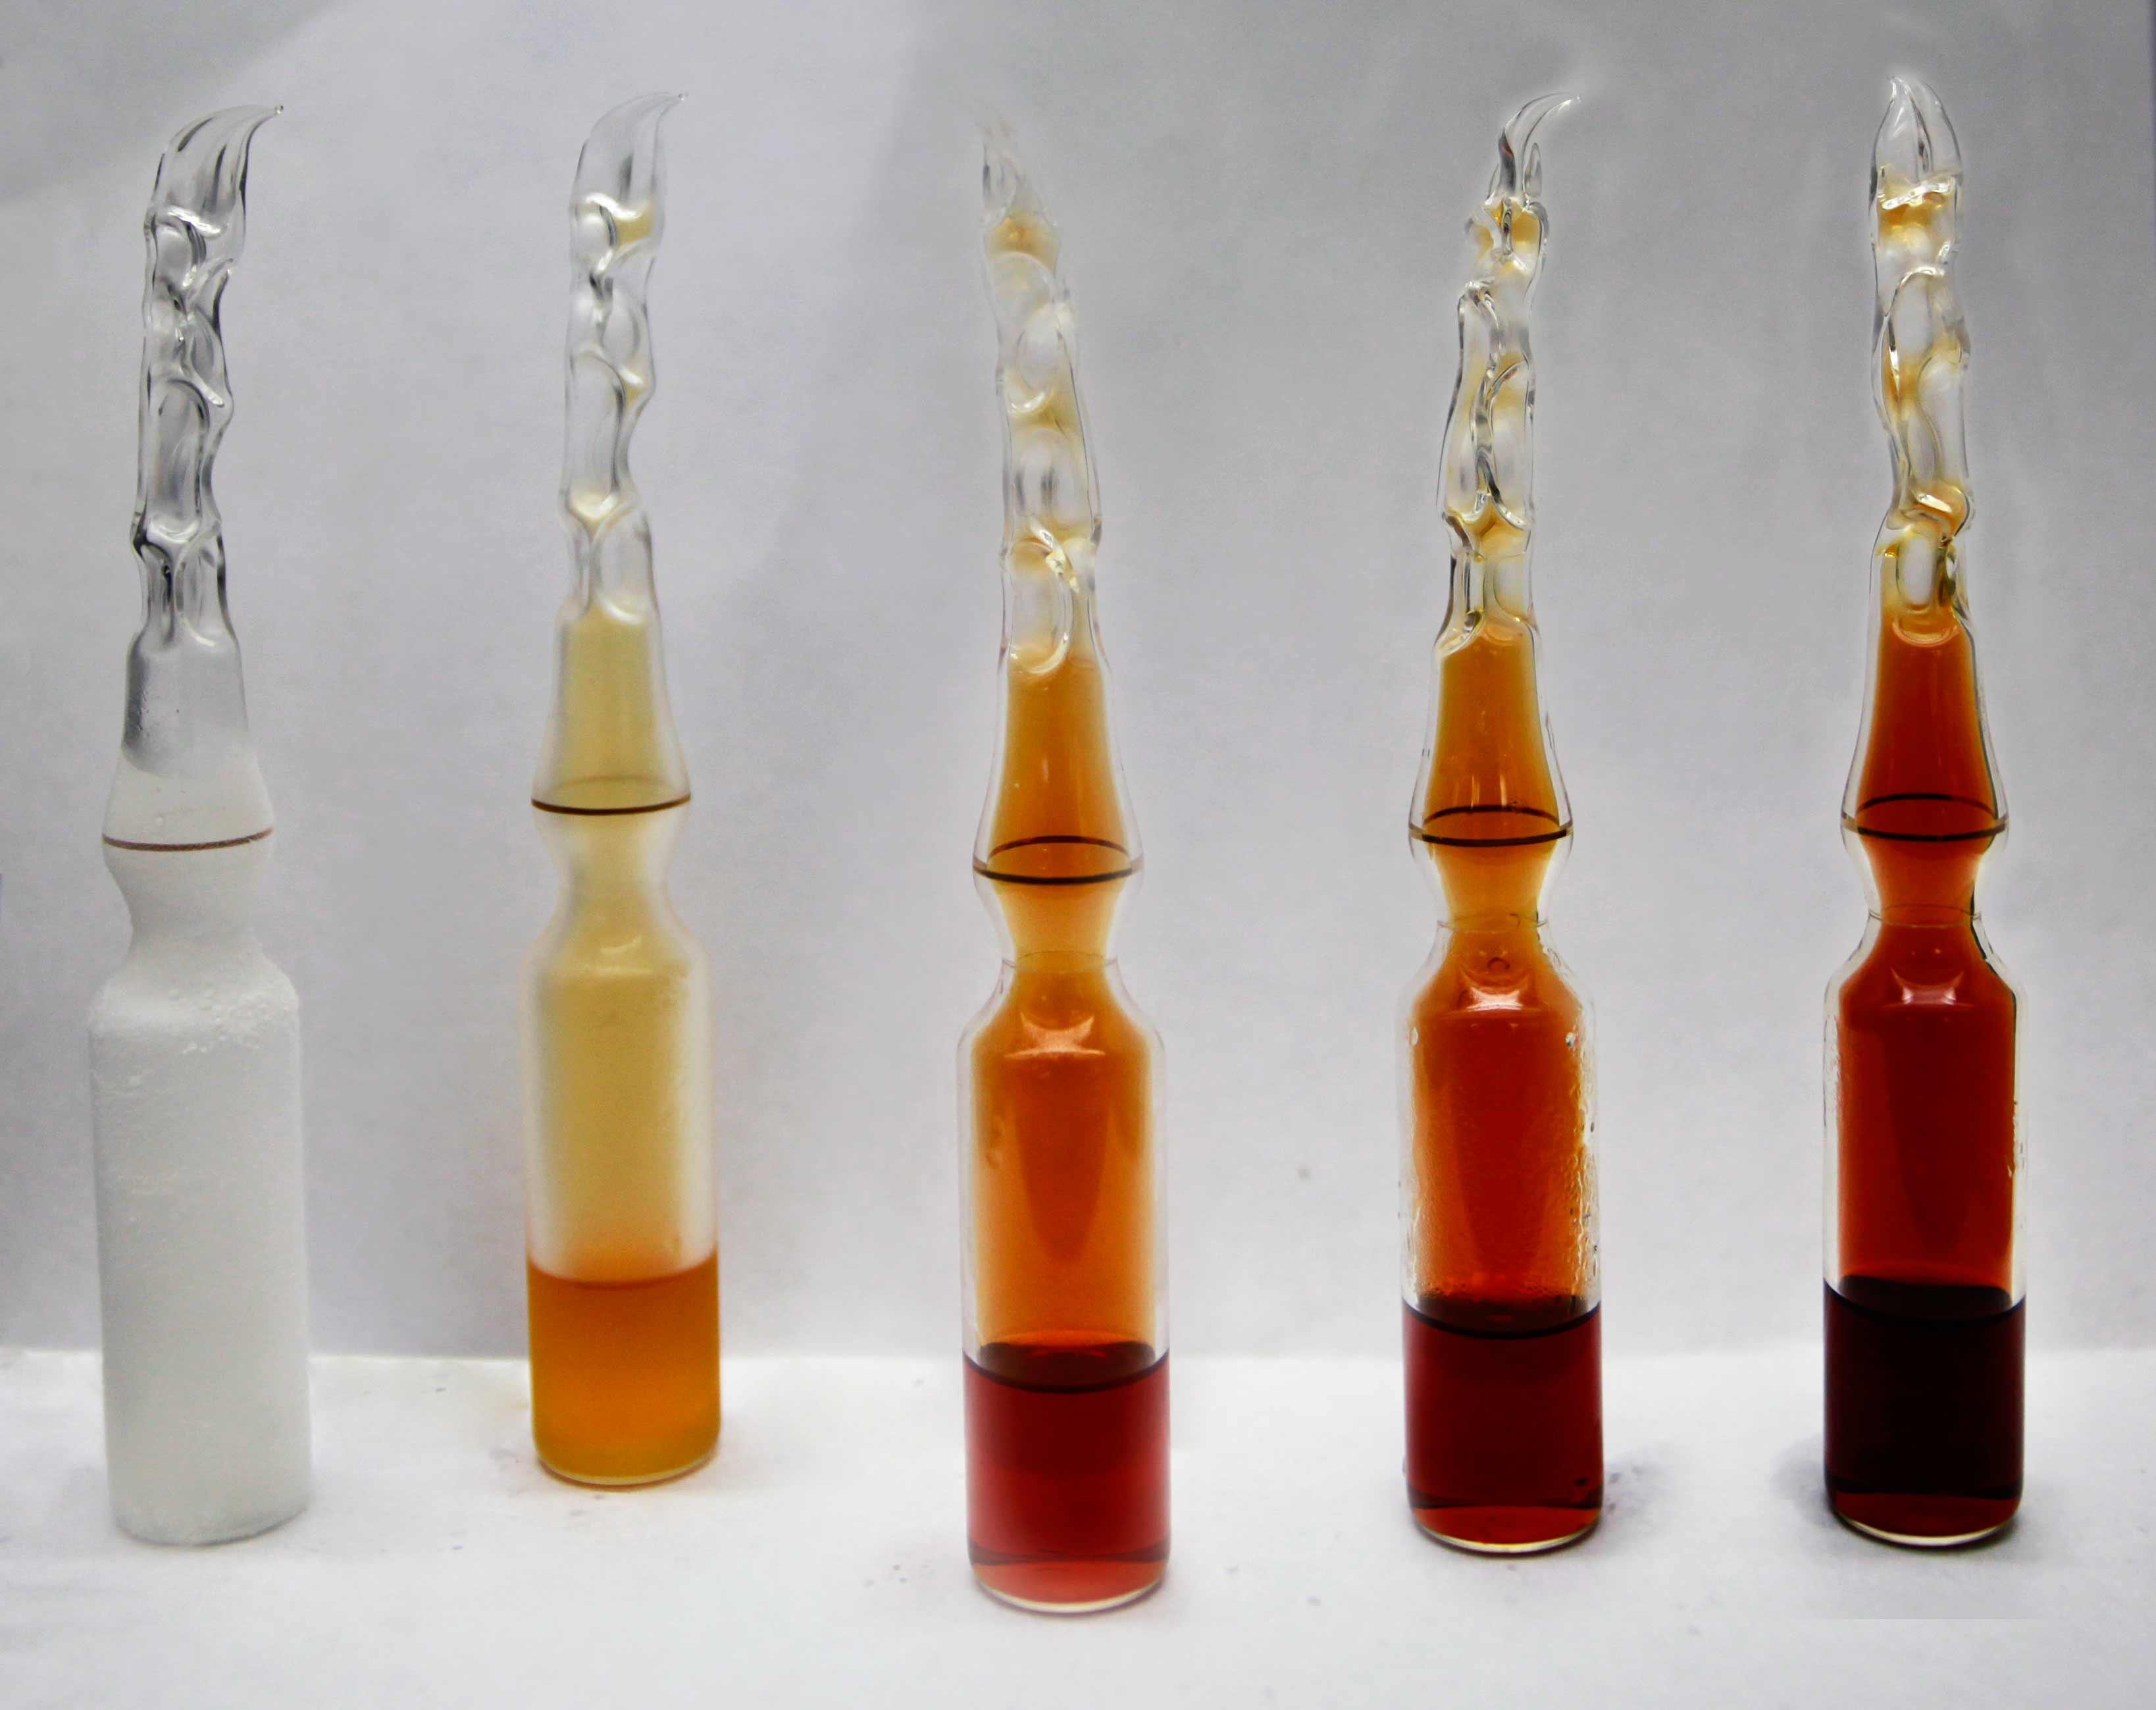 Dinitrogen tetroxide - Wikipedia